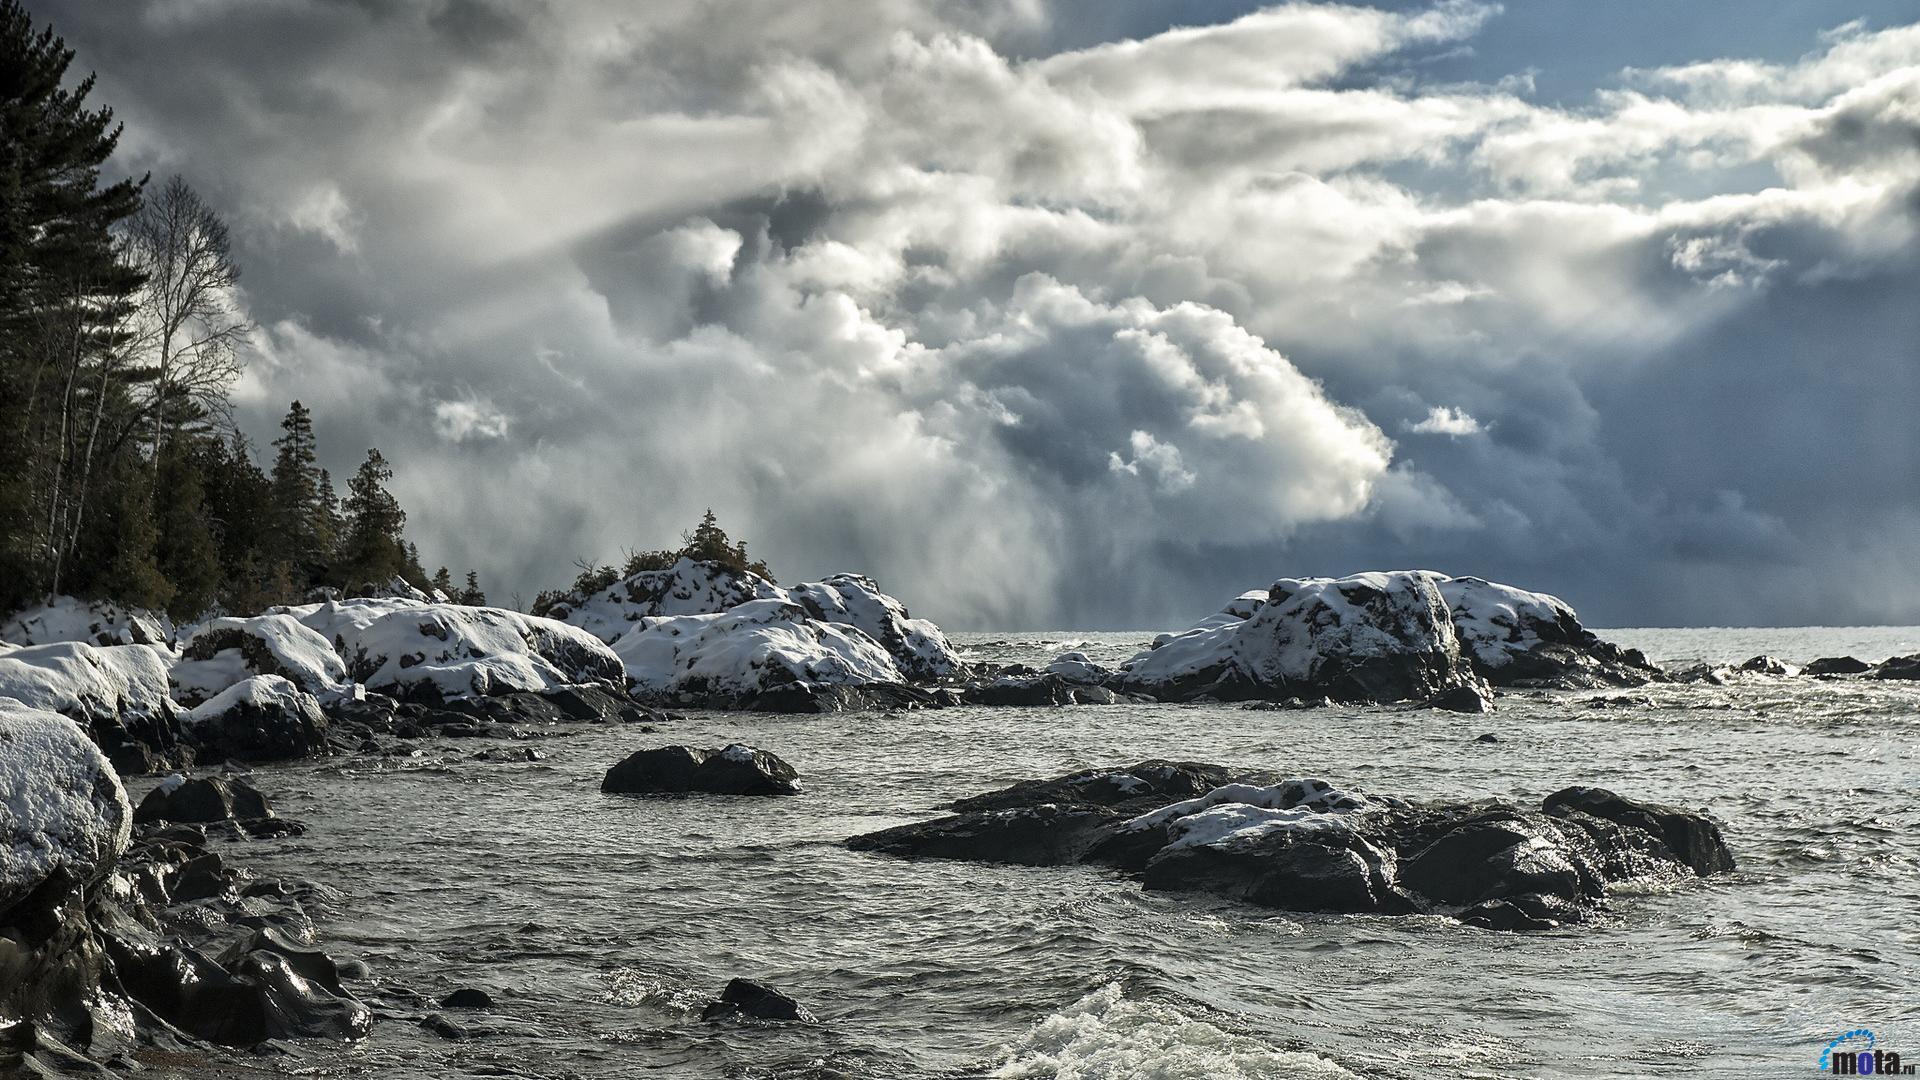 Winter Storm Desktop Wallpaper Wallpapersafari